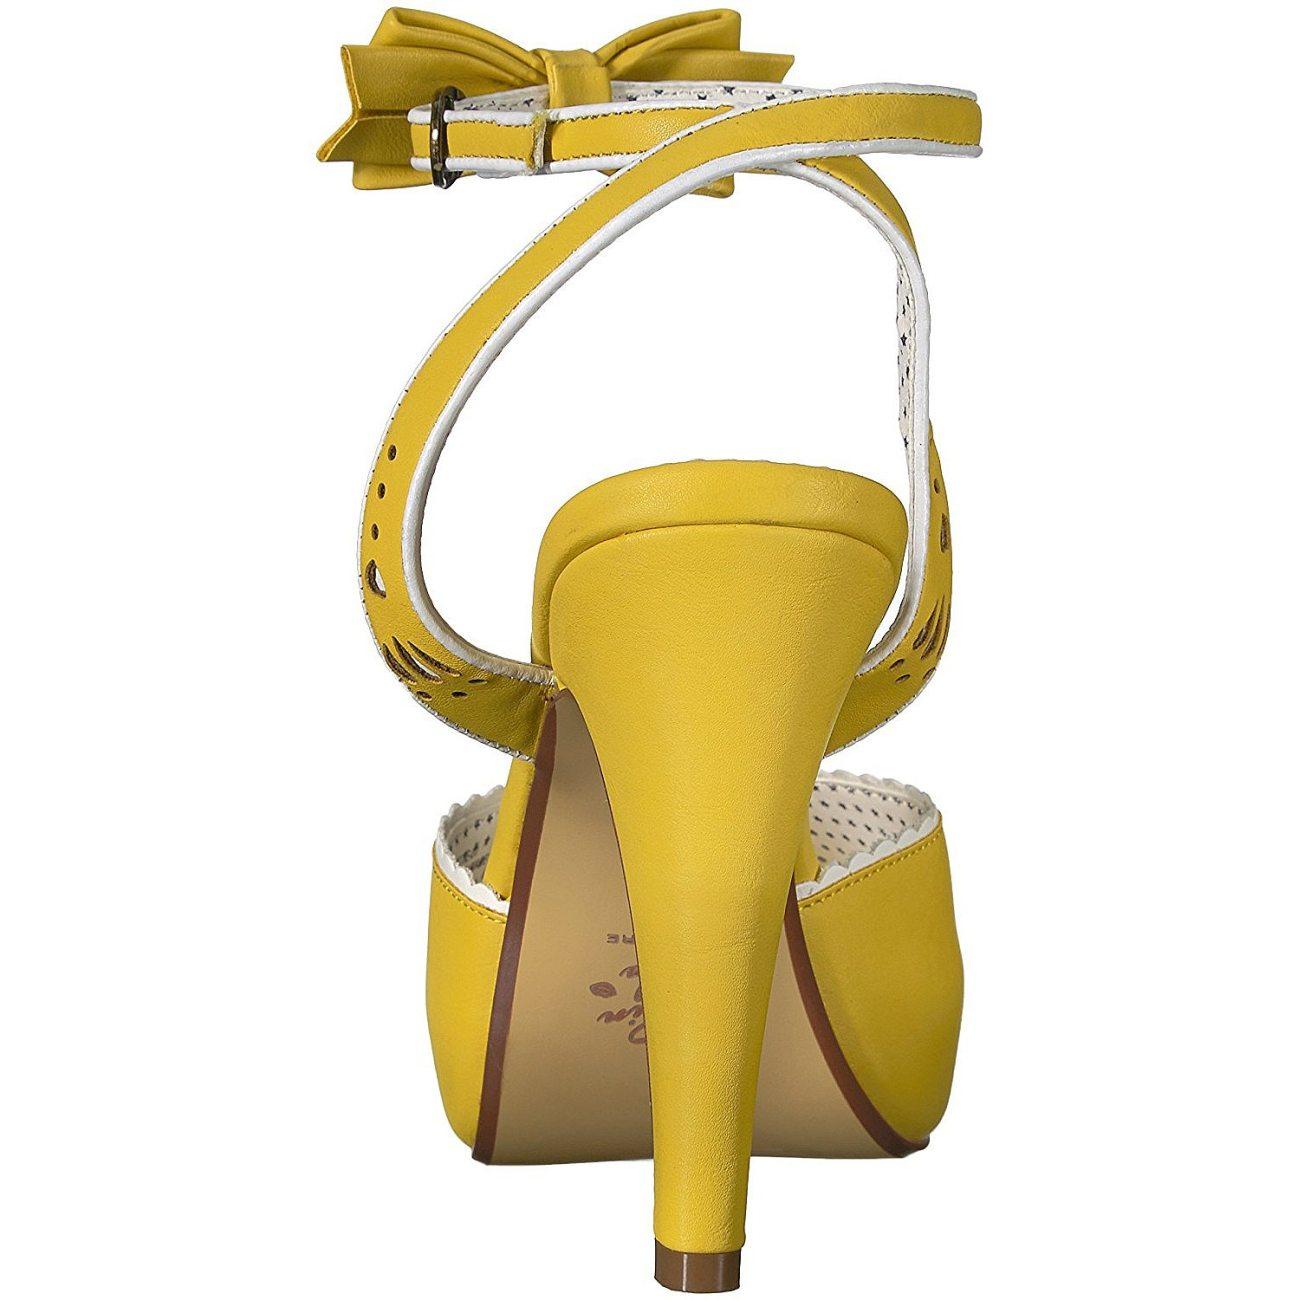 Giallo cm sandali spillo BETTIE 5 a 01 11 Pinup tacchi qzGVSULMp